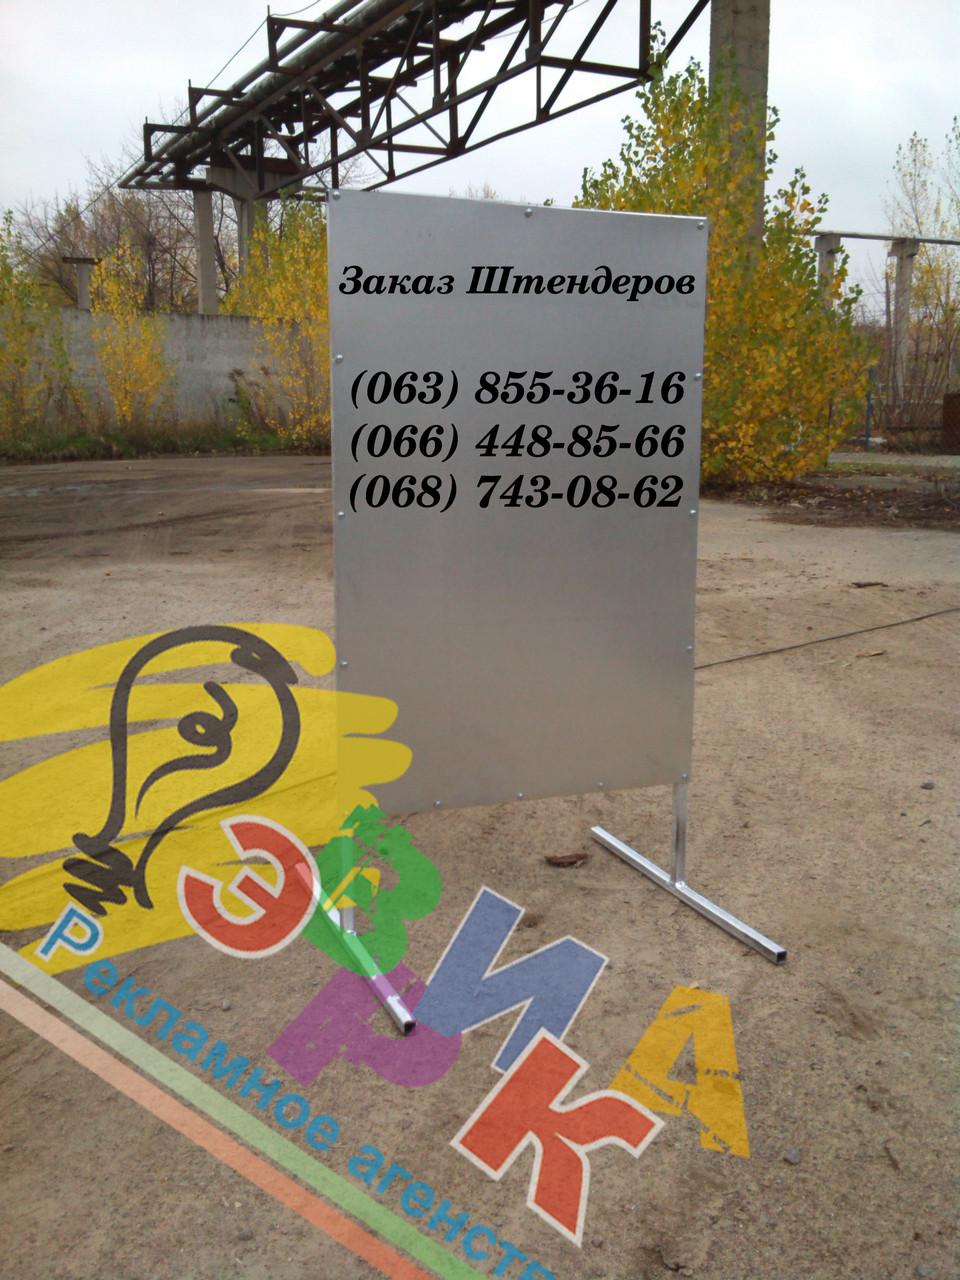 Изготовление штендеров, рамы для штендеров. Низкие цены - РА Эврика в Киеве